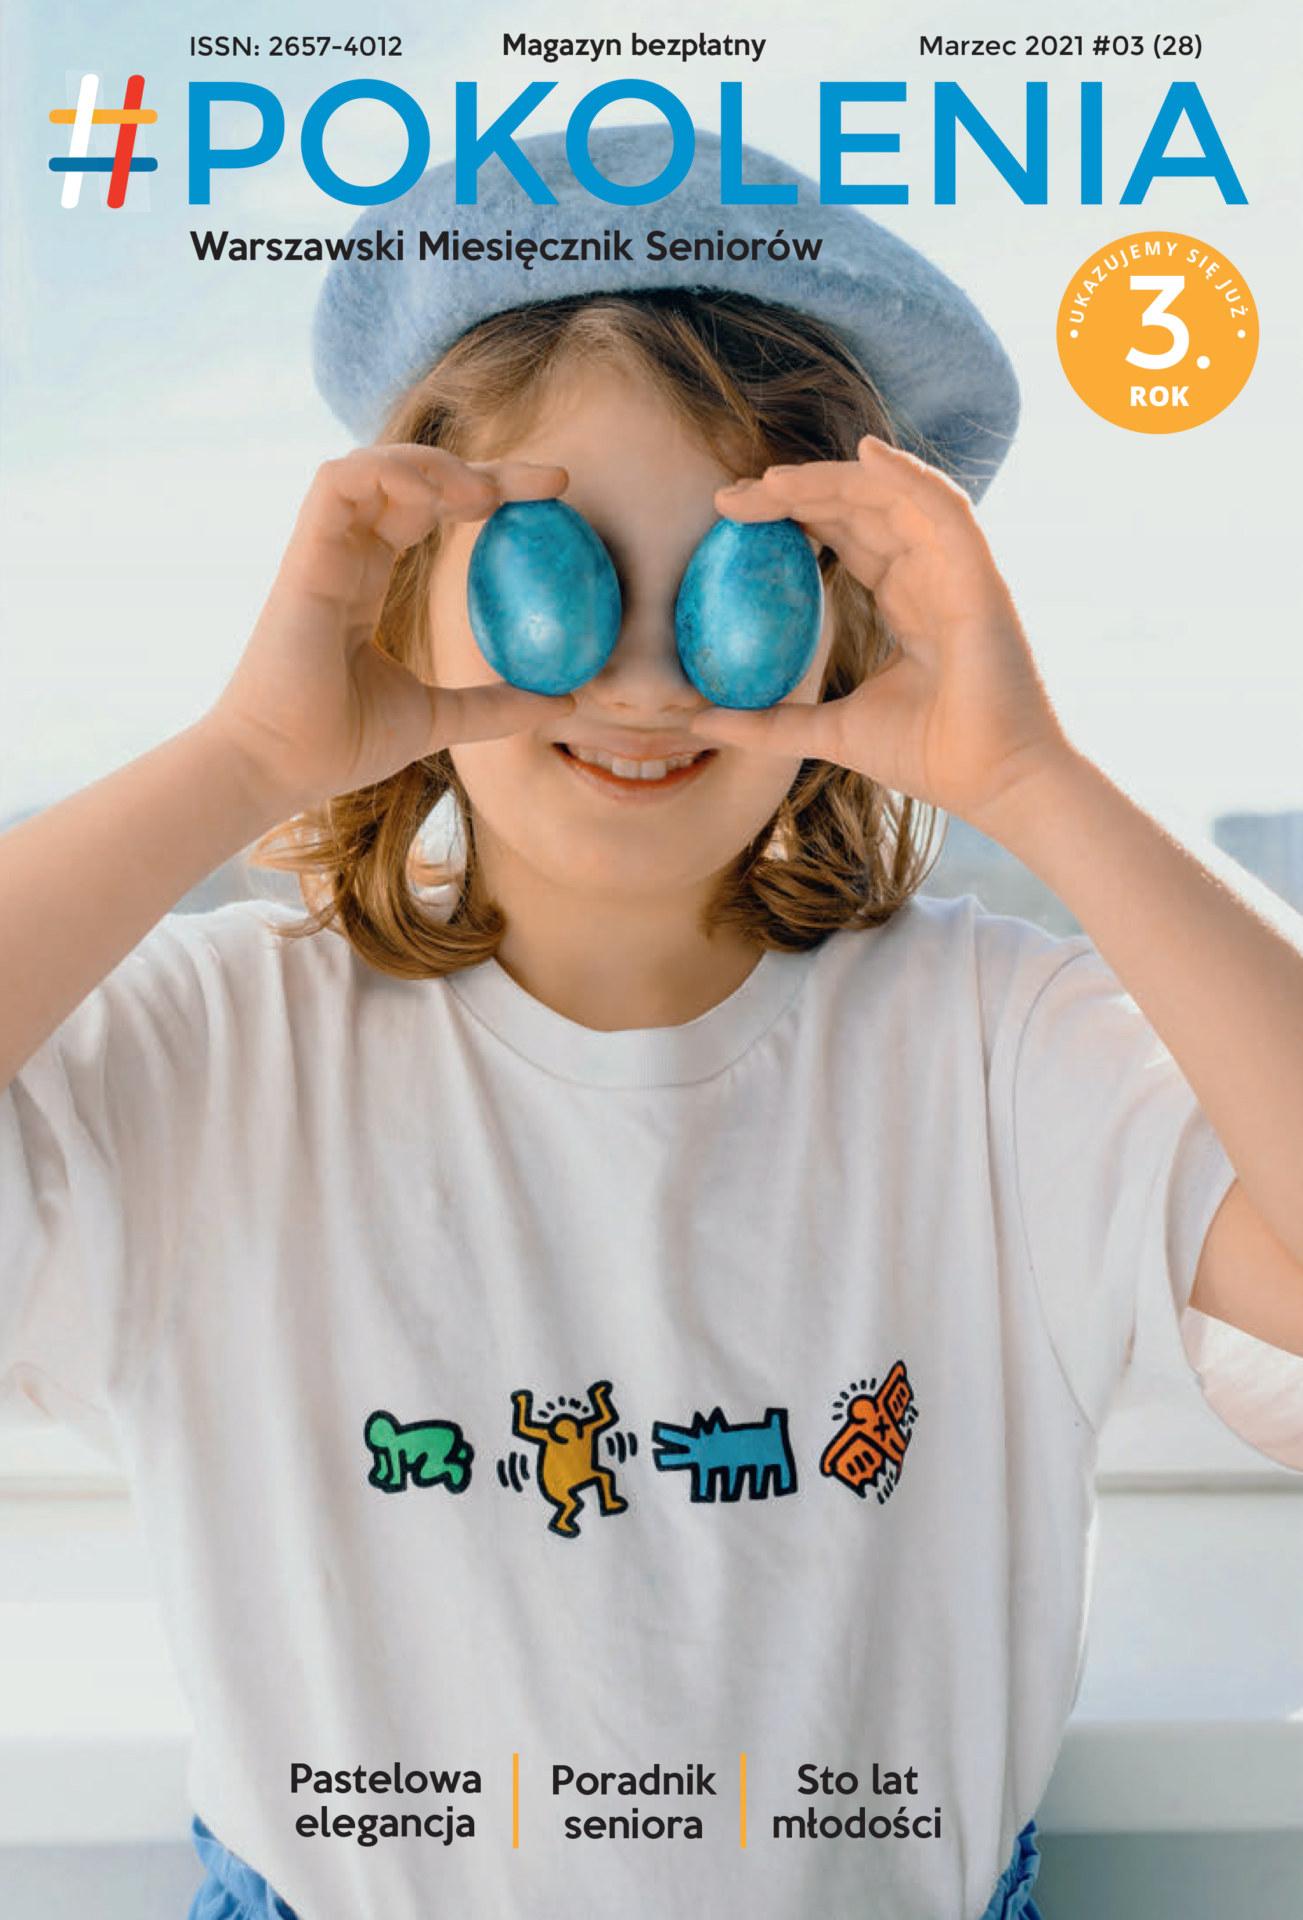 Dziewczynka w białej bluzce i niebieskim kapeluszu. Trzyma w obydwu rękach na wysokości oczu dwa niebieskie jajka.